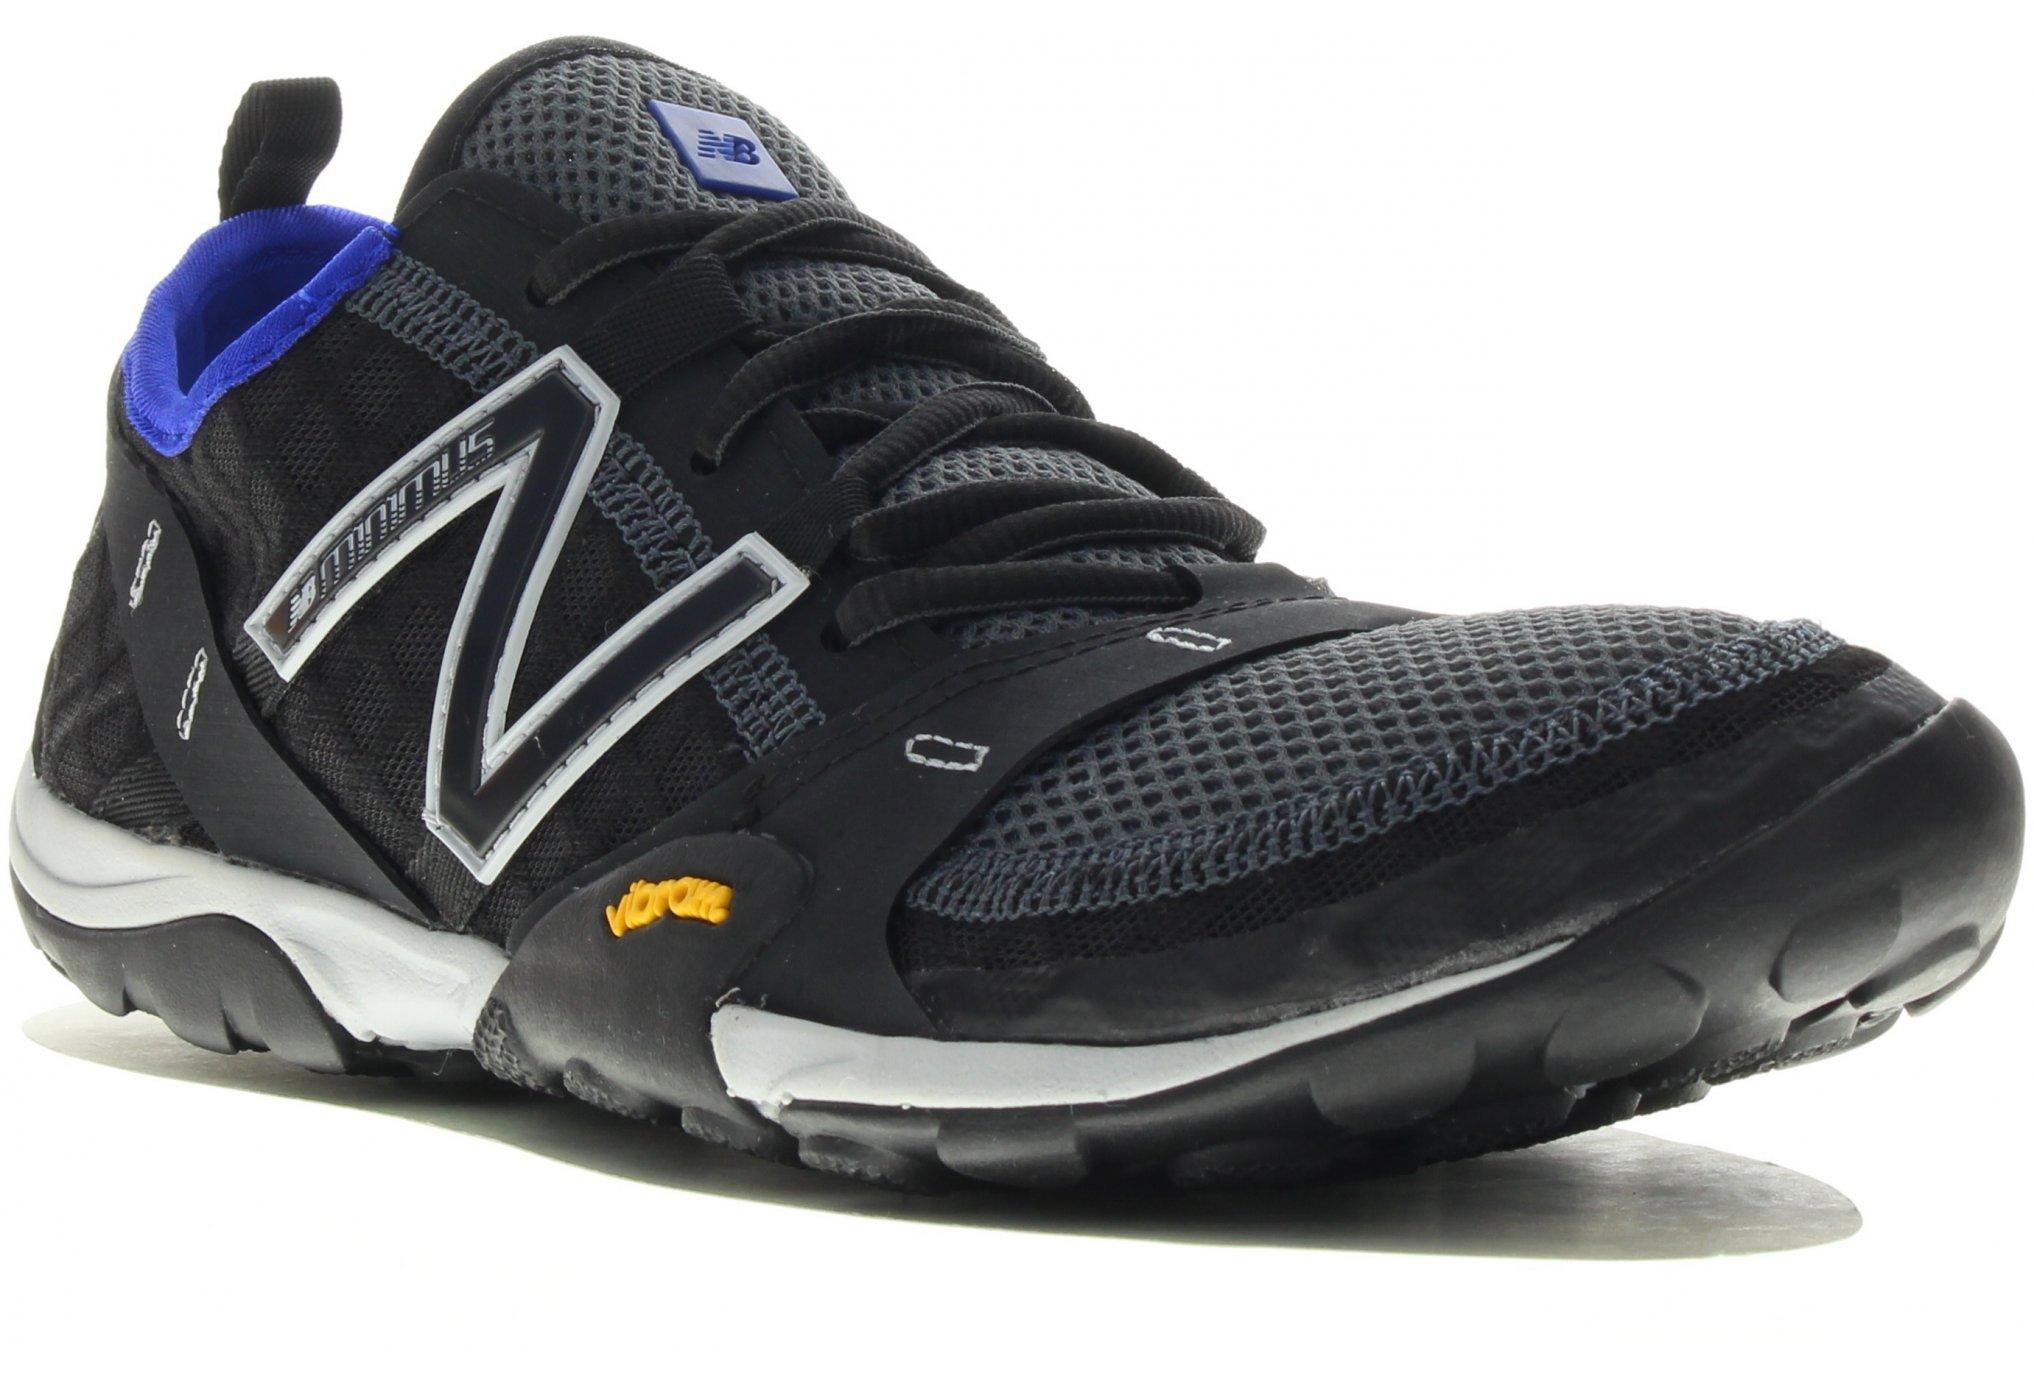 New Balance Minimus Trail 10 M Diététique Chaussures homme